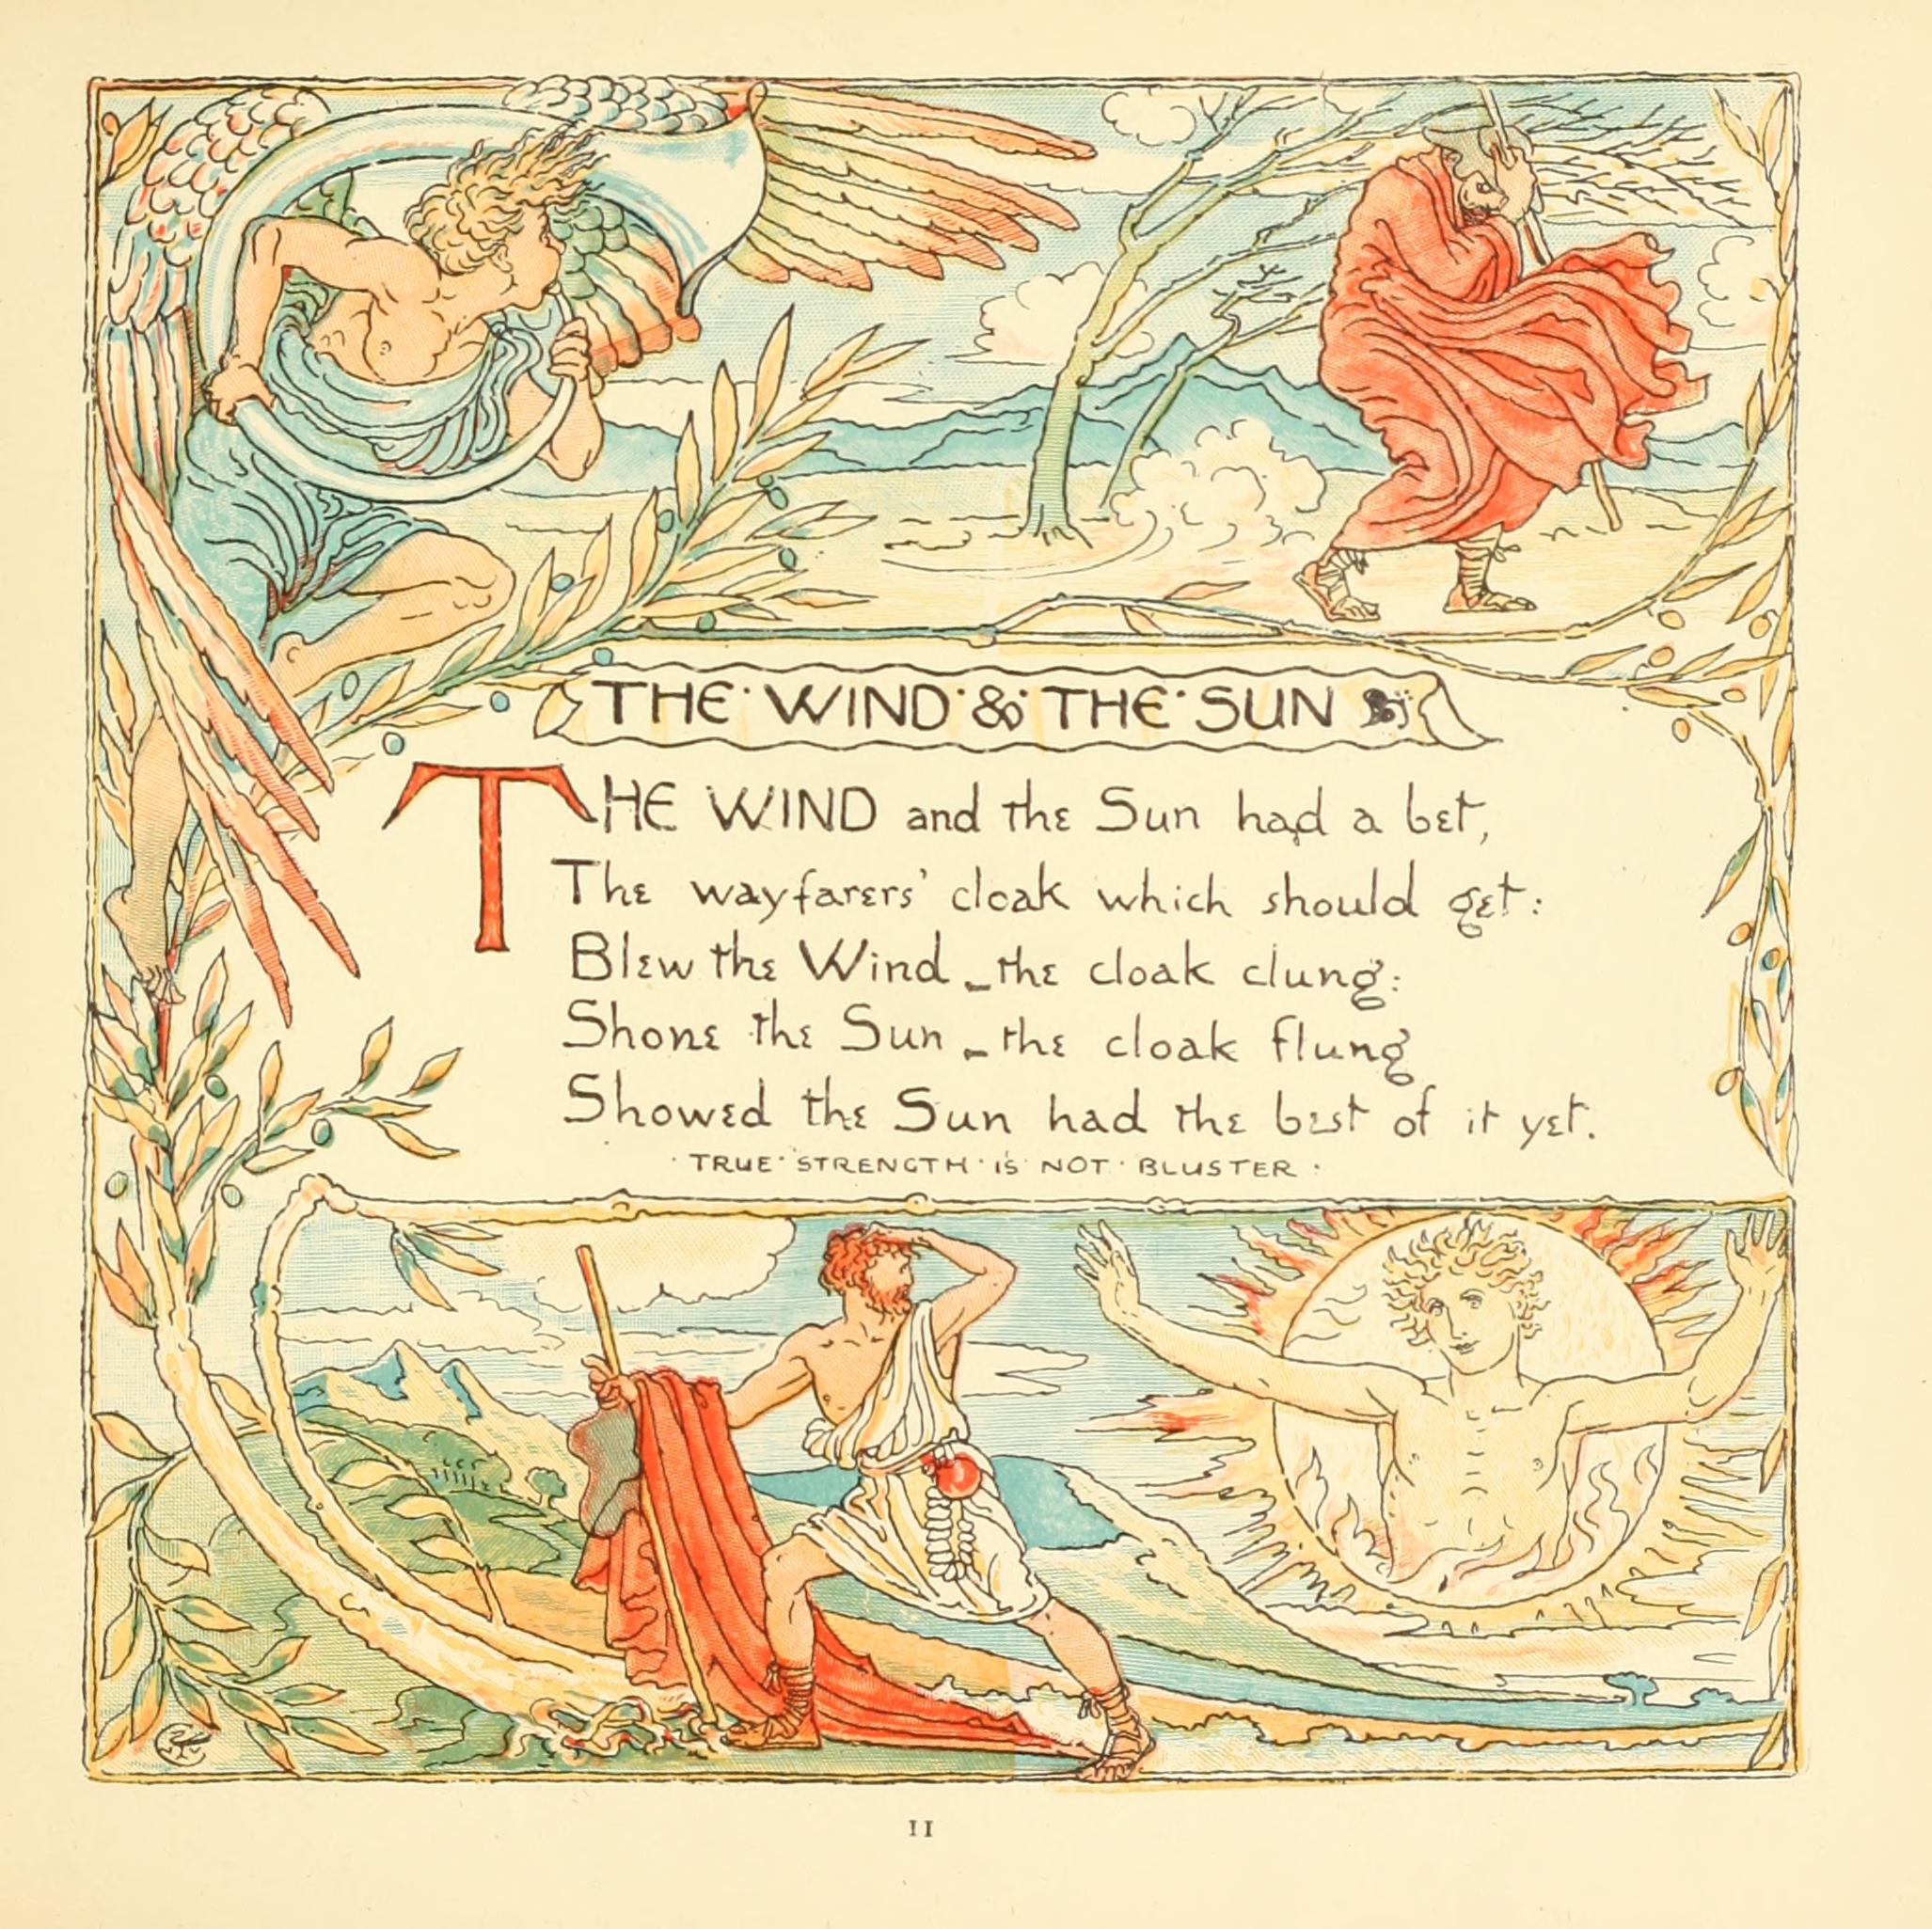 イソップ童話「北風と太陽」の教訓を脳科学やらで分析してみた。